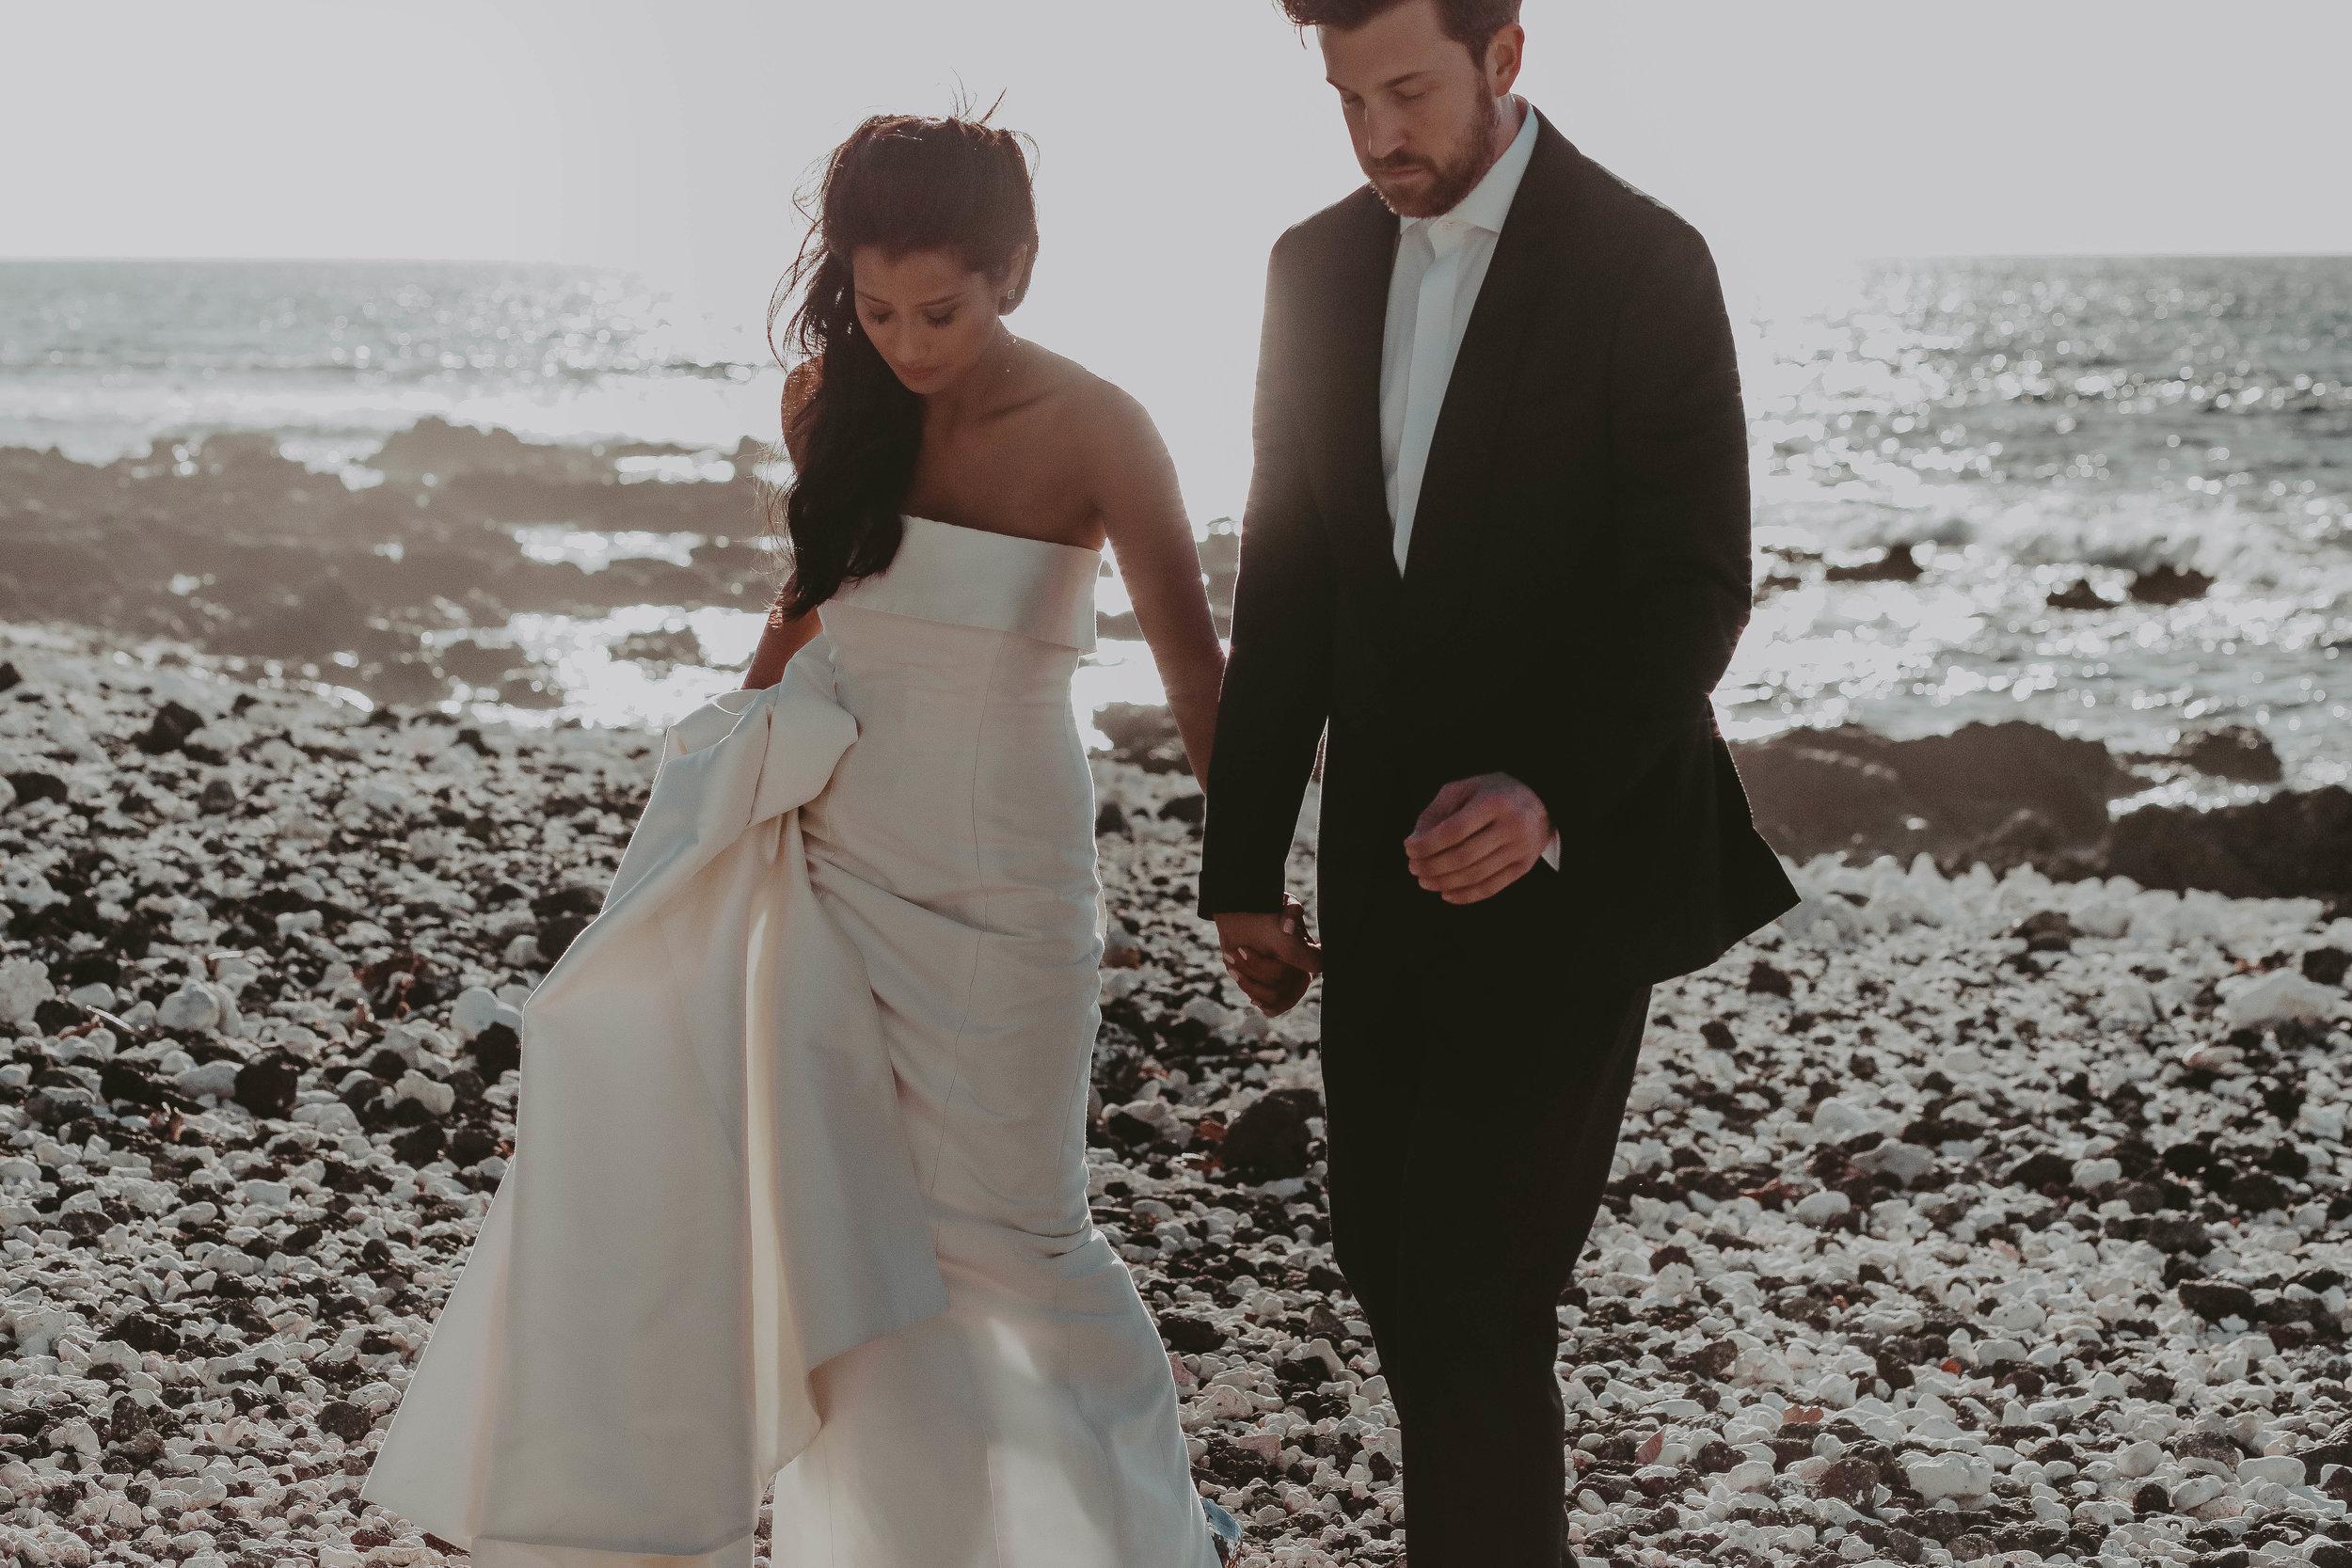 wedding20184M3A1524.jpg